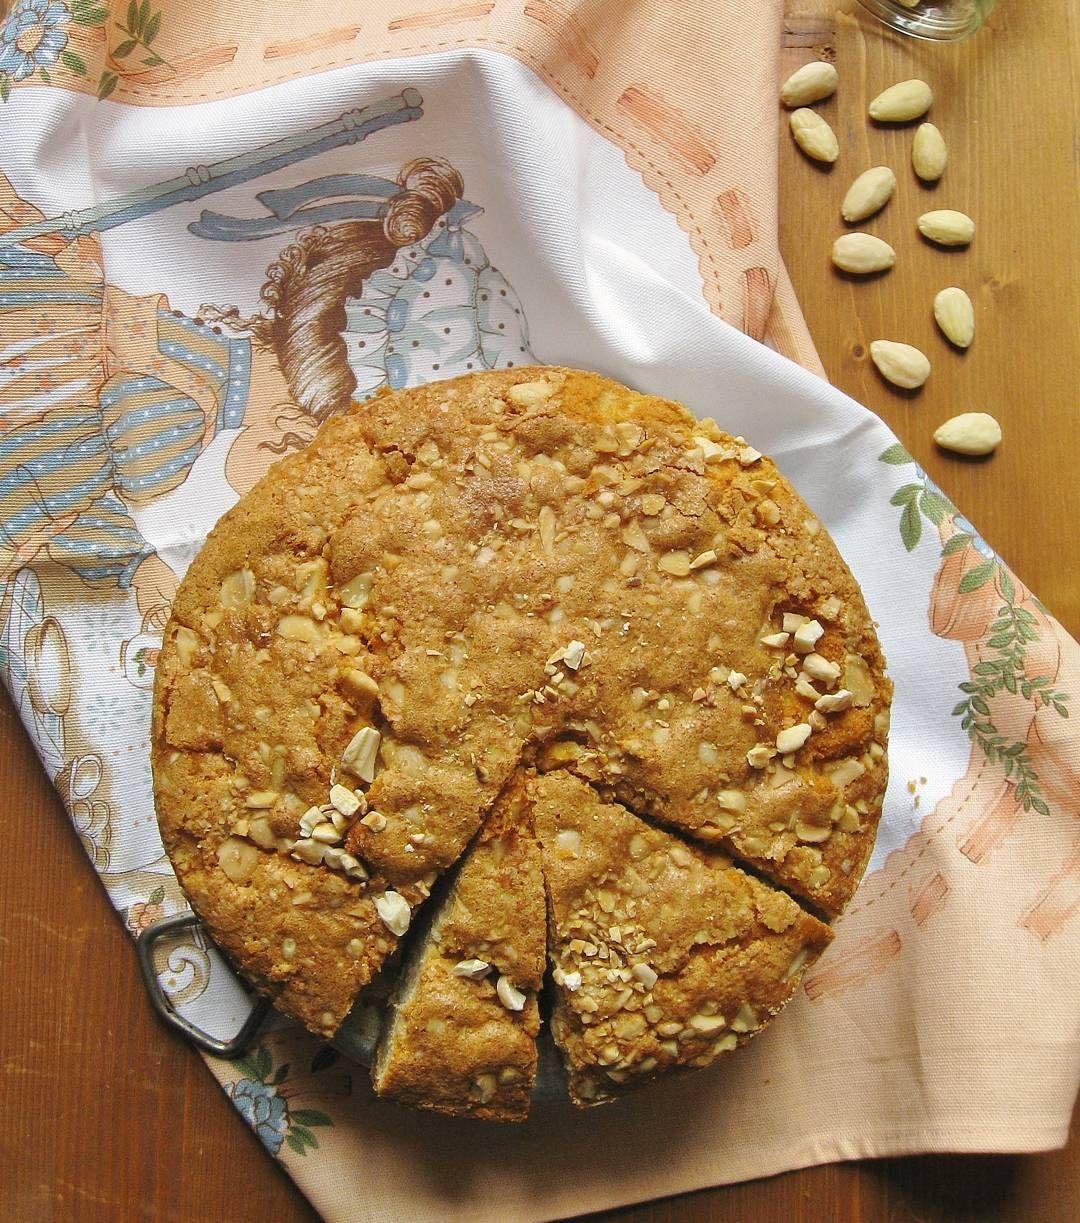 Poche parole tanta sofficità.  Ora sul #blog le indicazioni per preparare la Torta Rustica alle Mandorle con Confettura di Albicocche. La merenda è servita. #buonpomeriggio #merenda #merendaitaliana #colazione #colazioneitaliana #ilcolazionista #teabreak #breakfast #torta #senzalattosio #lactofree #mandorle #apricotjam #yummy #delicious #love #food #foodie #foodlover #foodblog #italianfoodbloggers #foodpassion #healthyfood #instafood #instagood #foodstagram #ricettefacili #igersitalia…